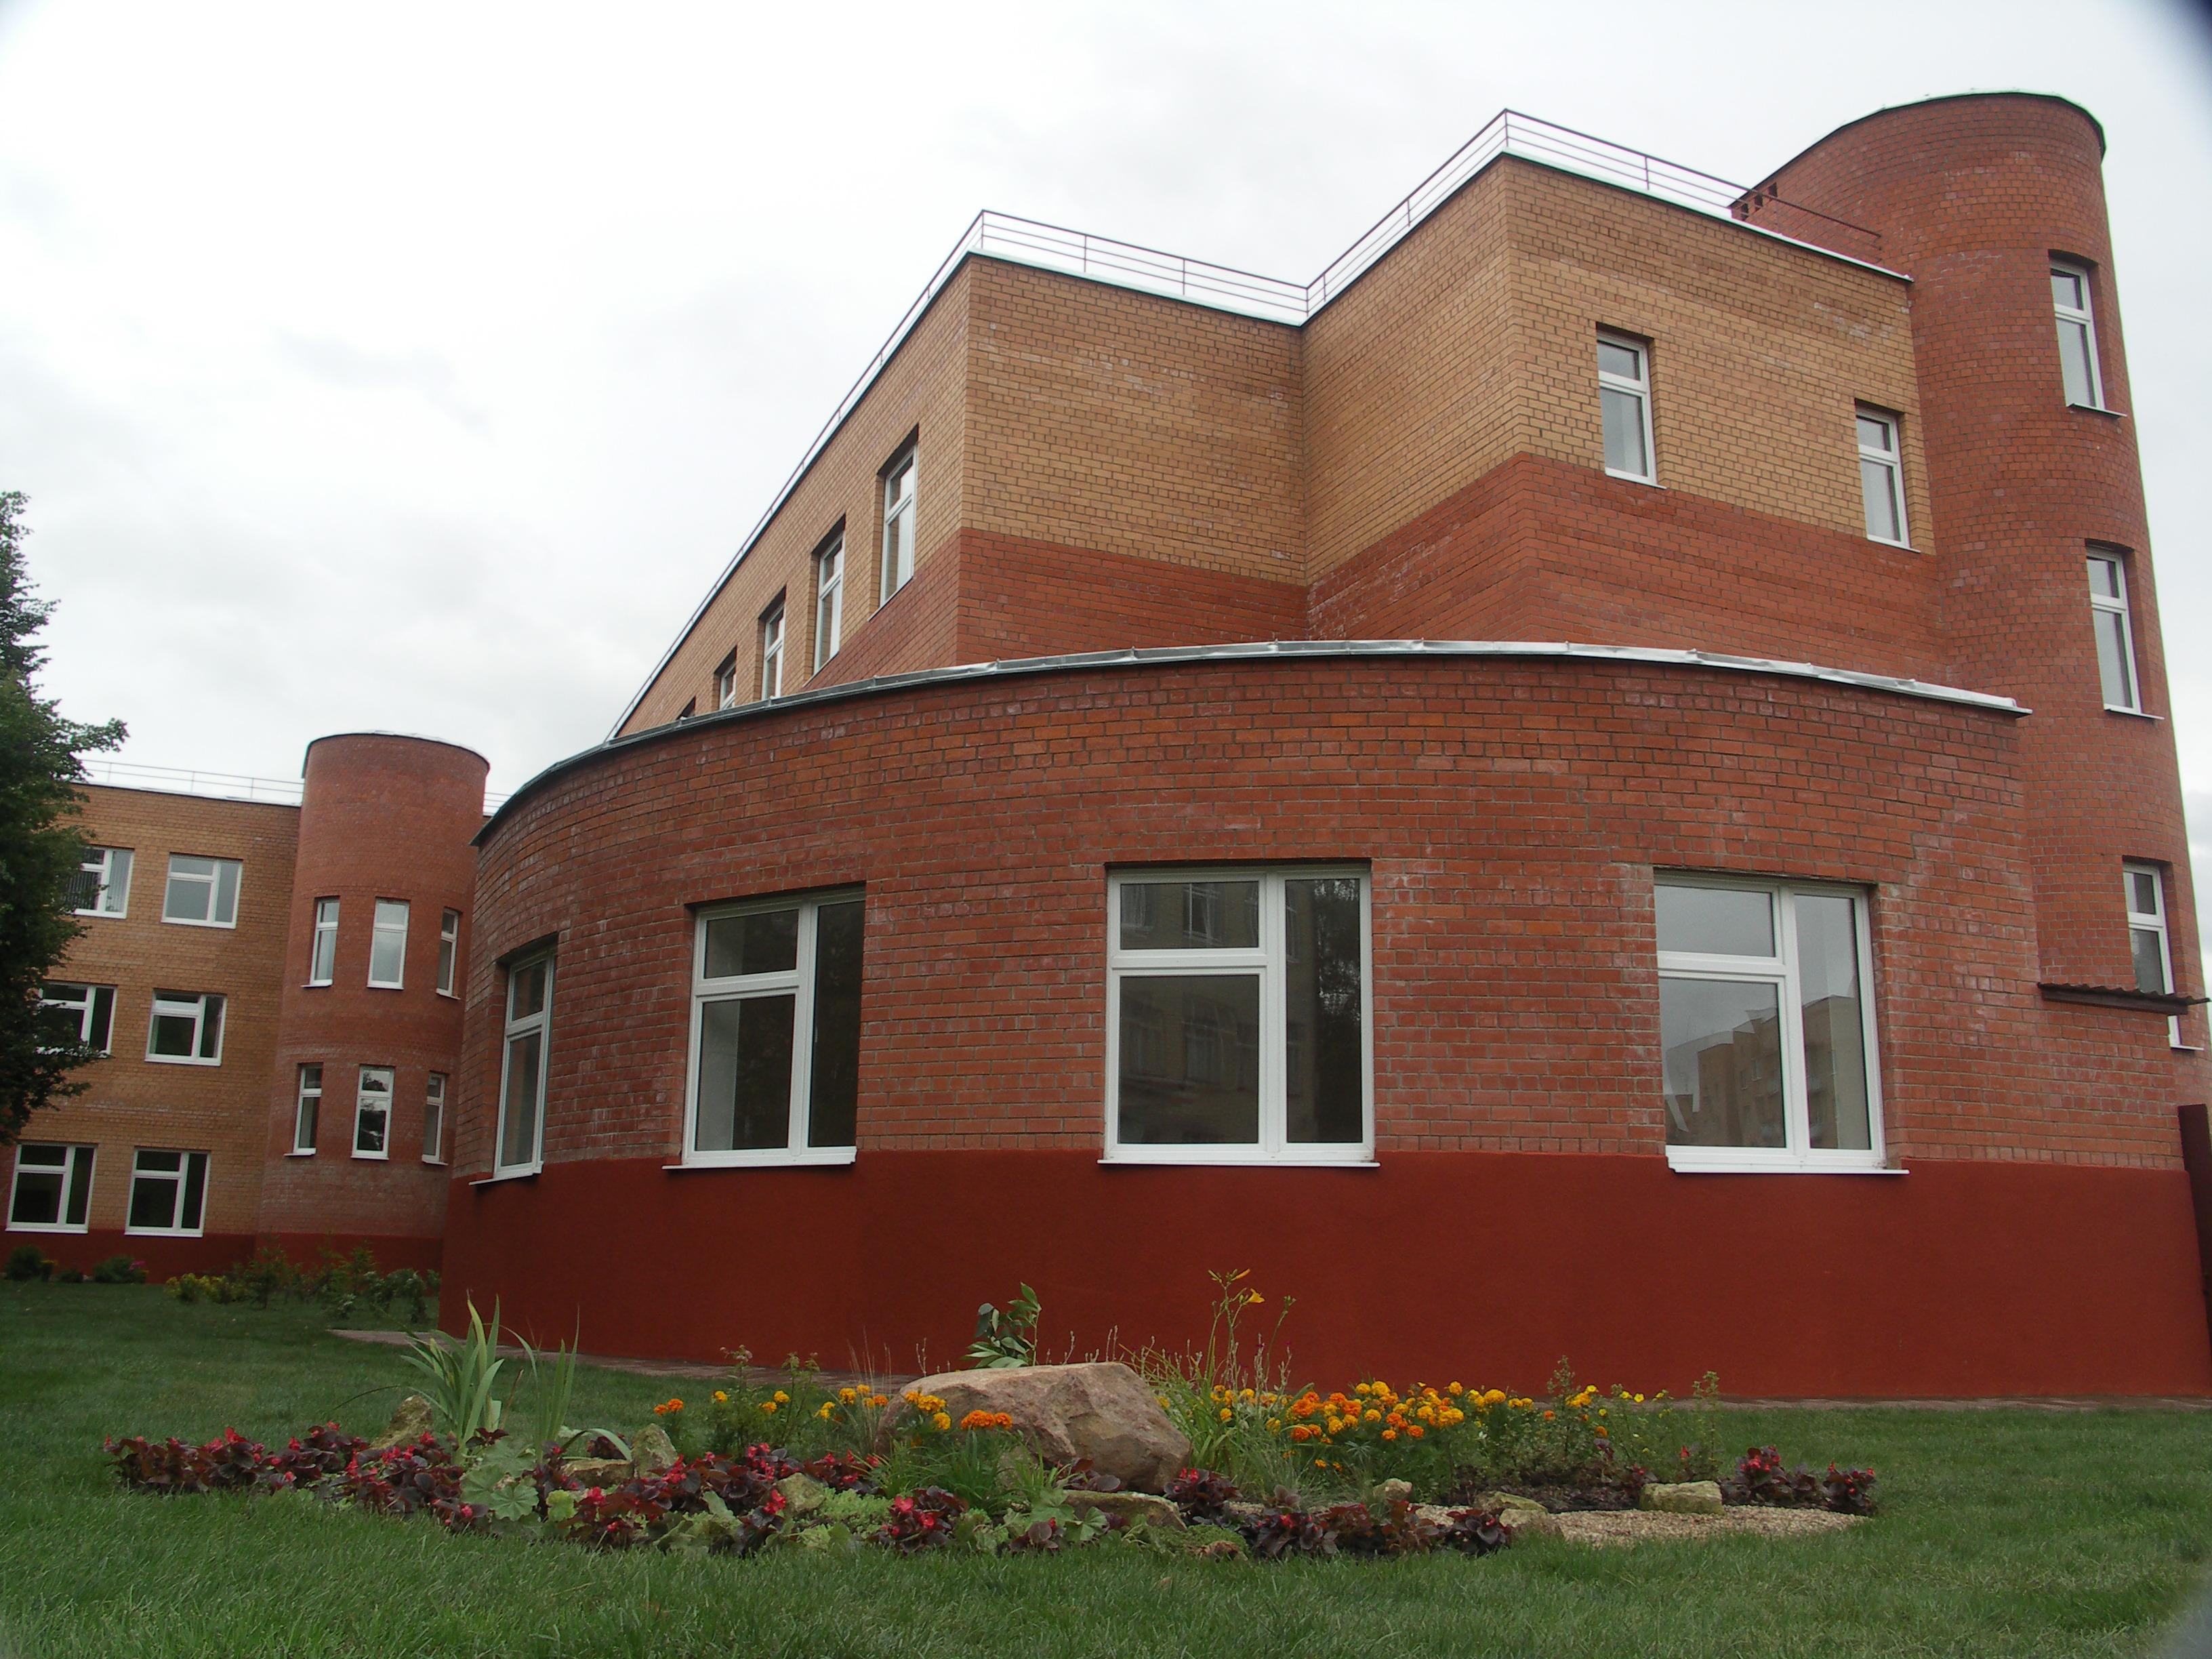 Коттедж площадью 360 кв метров расположен в воскресенское, район ленинский, по шоссе калужское, в 9 км от мкад